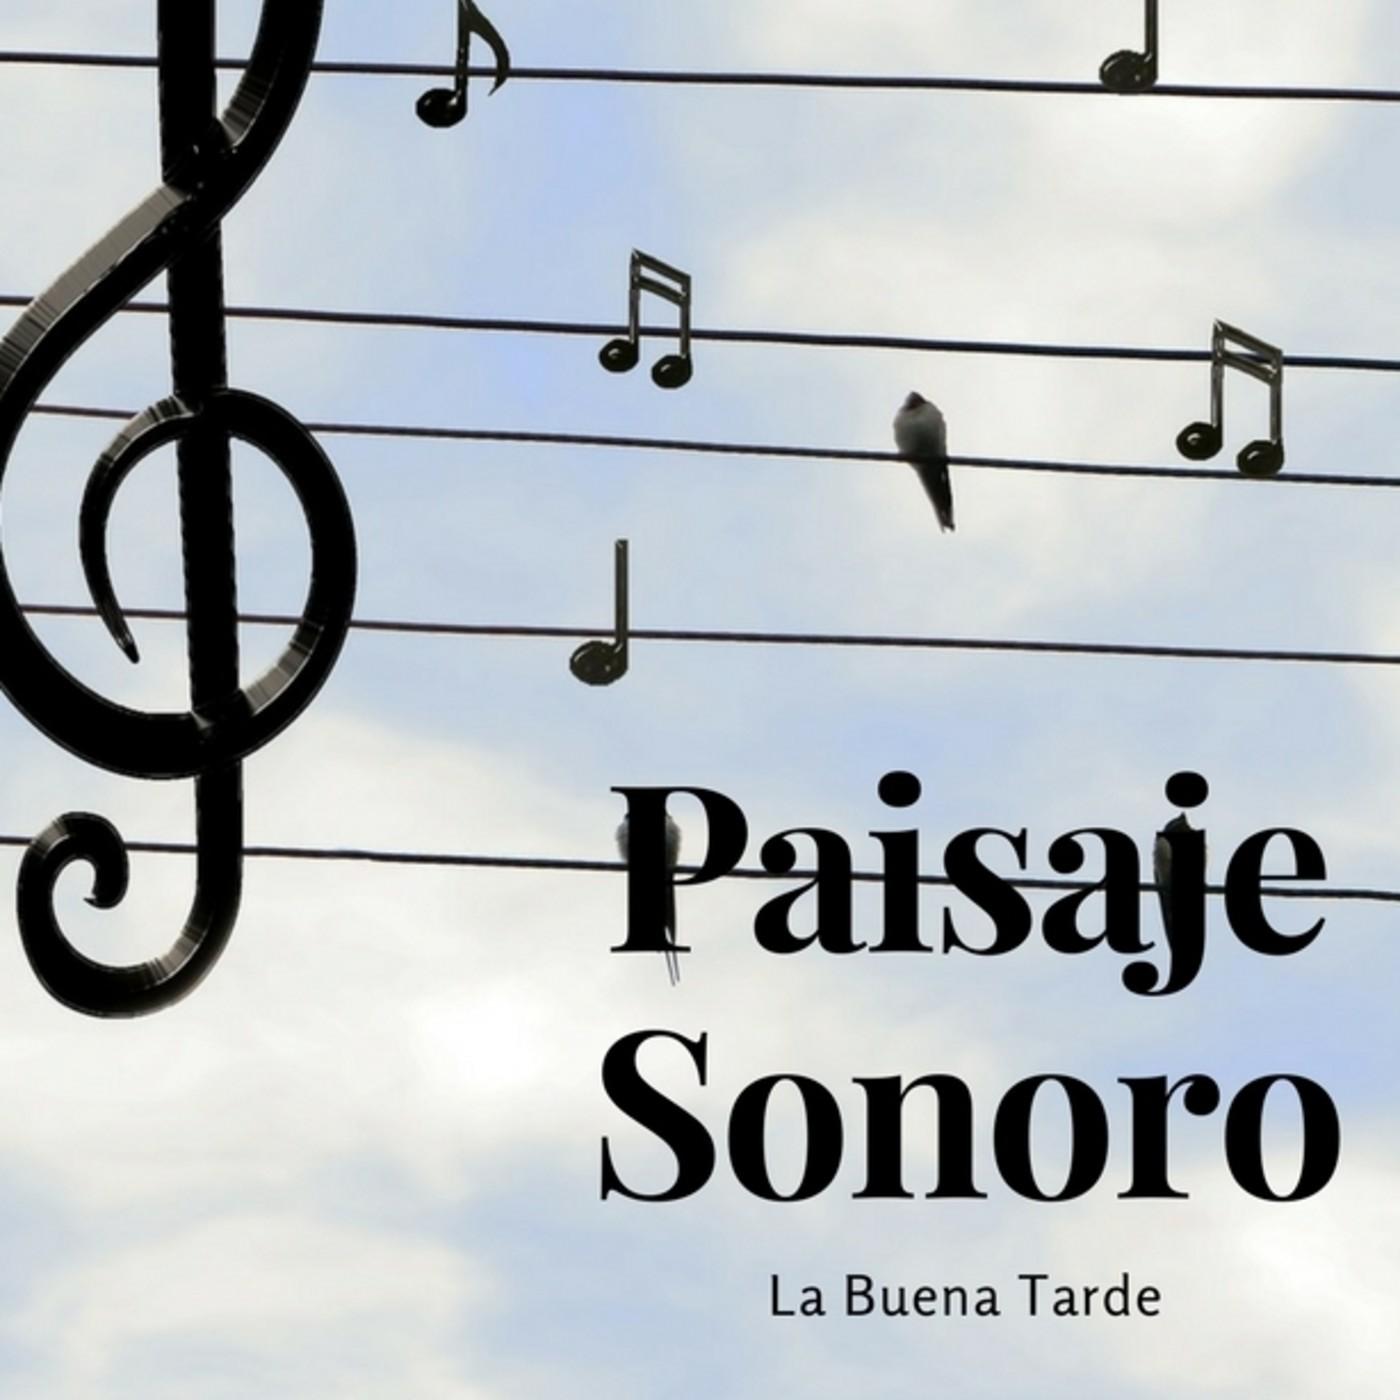 Paisaje Sonoro 08.05.2018